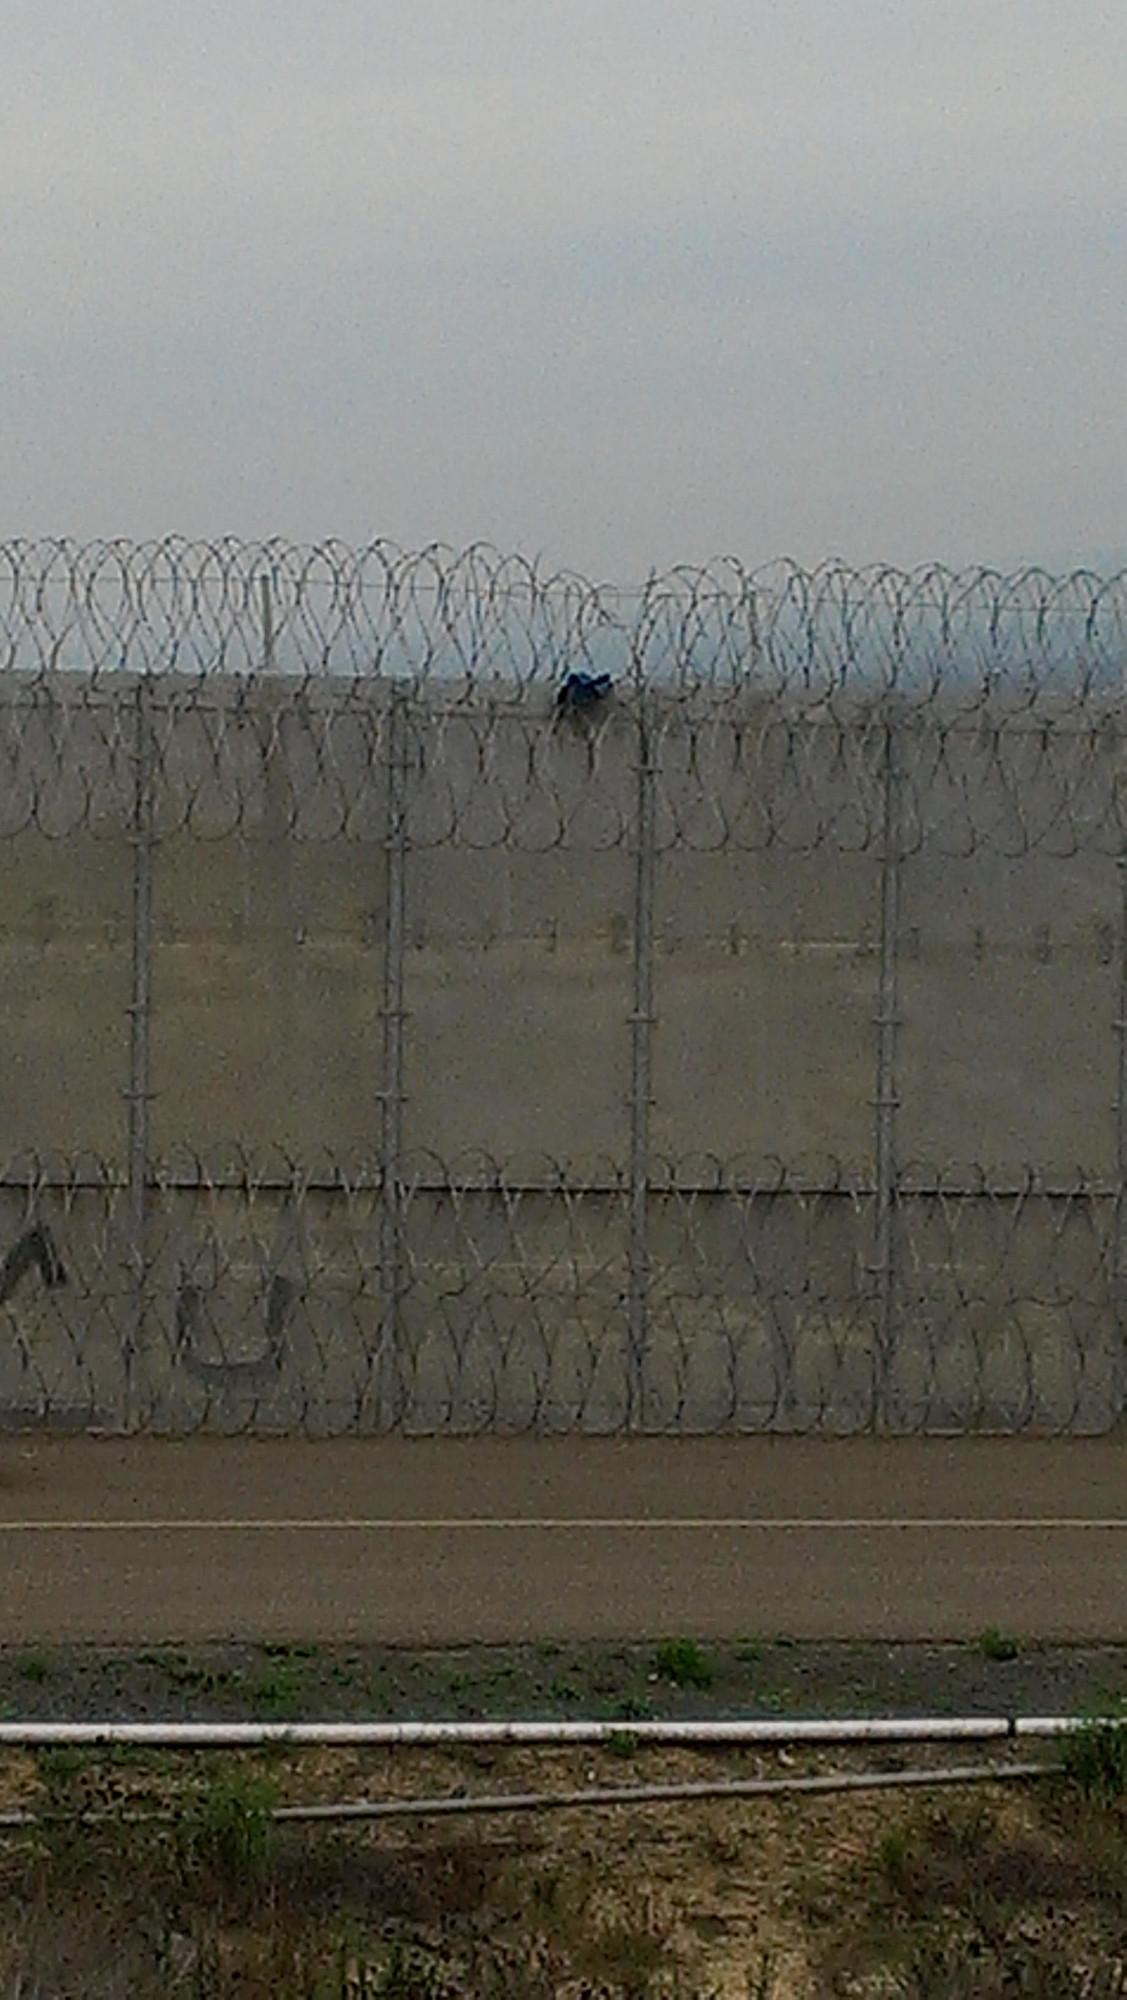 美墨邊境。(哈瑞斯提供)